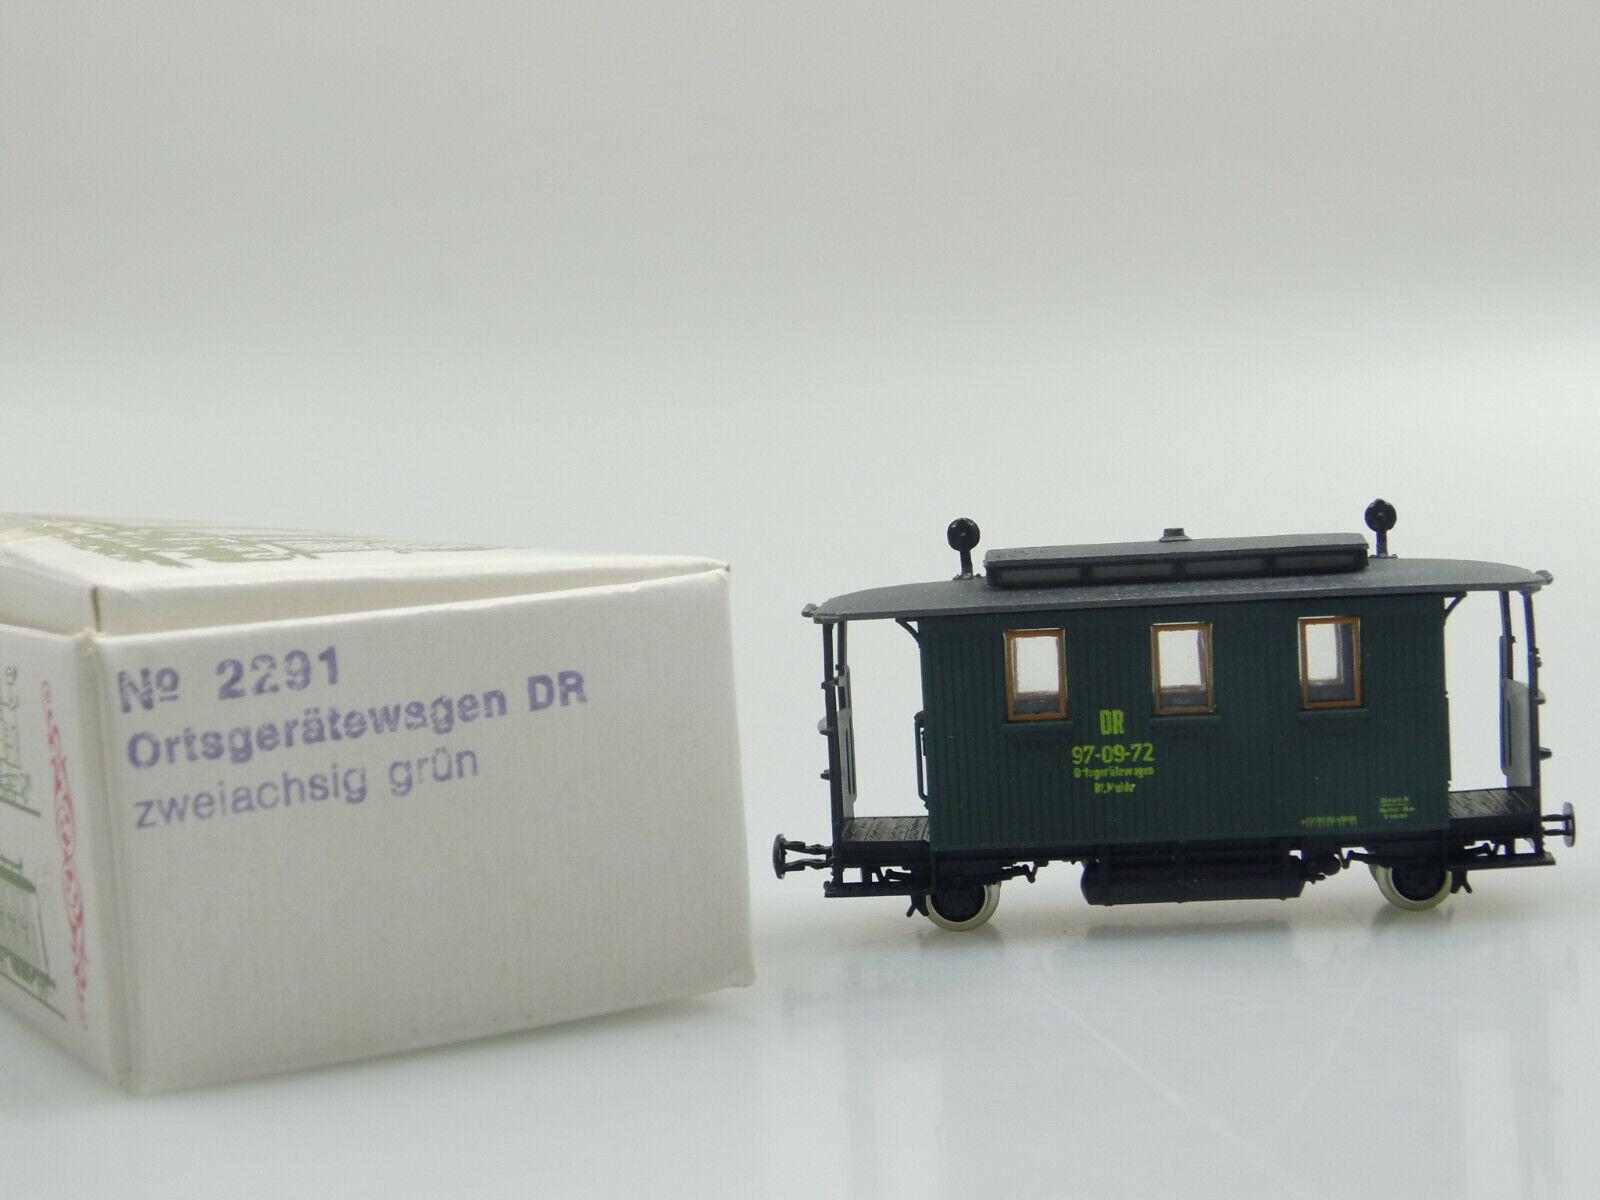 Techno modello h0e 2291 dispositivi locali carrello DR OVP